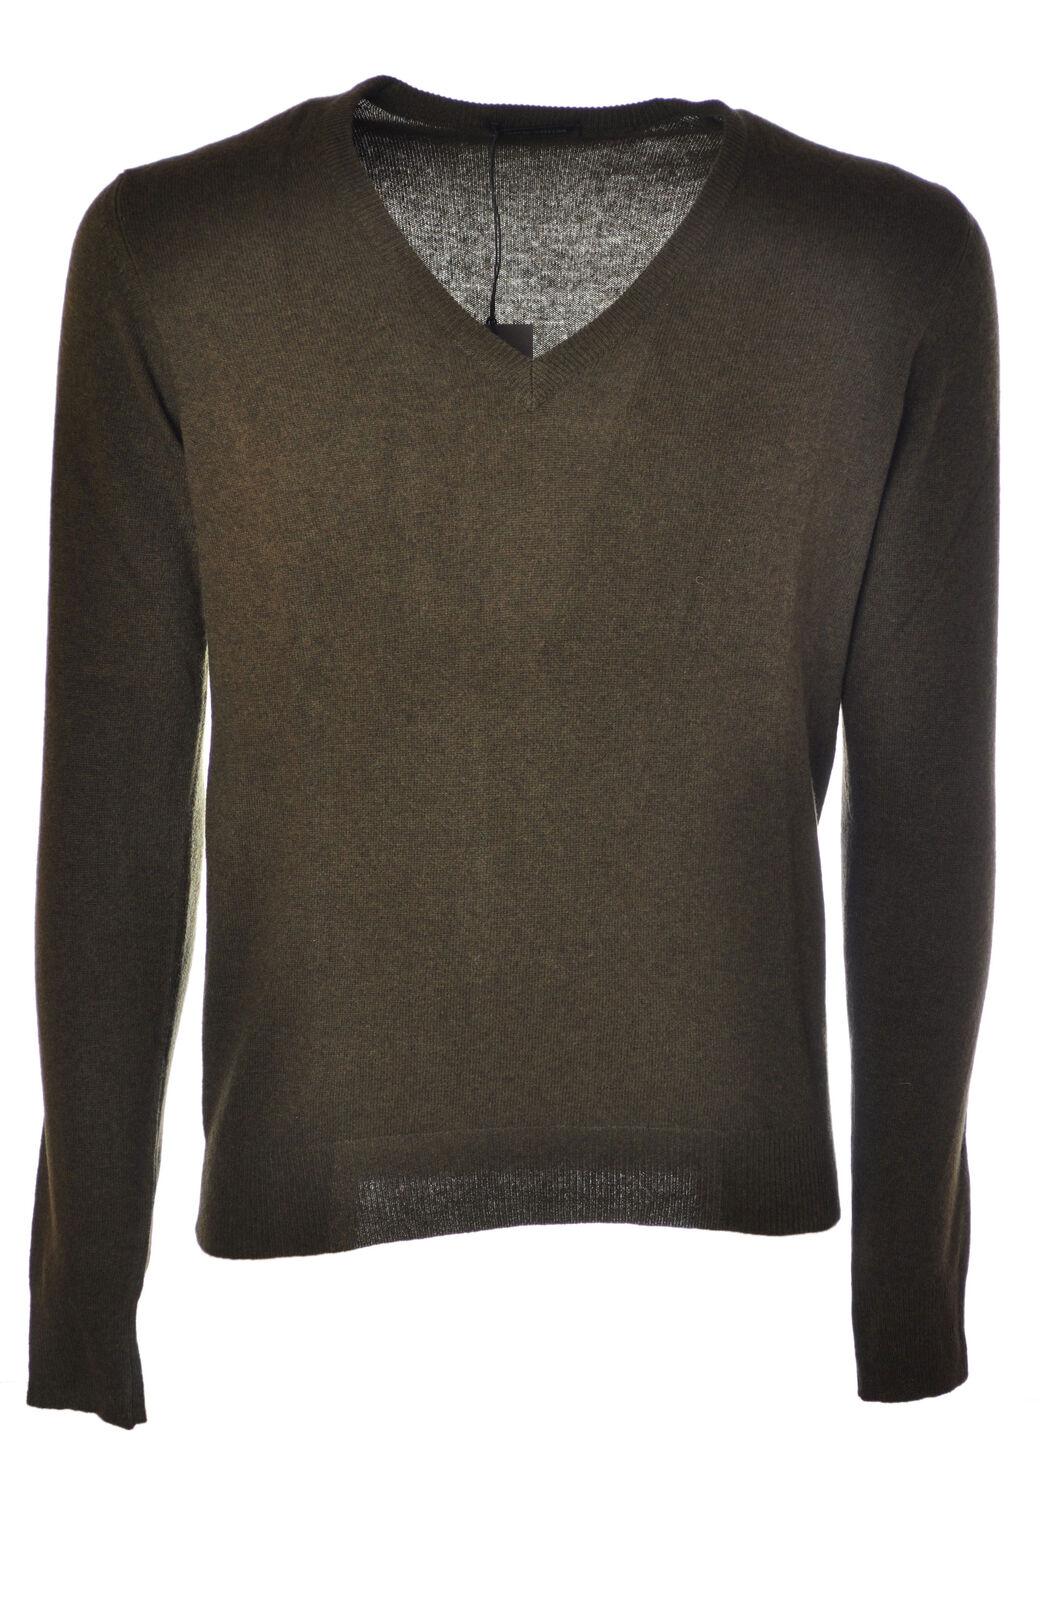 Roberto Collina  -  Sweaters - Male - 2834431N173948 verde - 2834431N173948 - 141b23